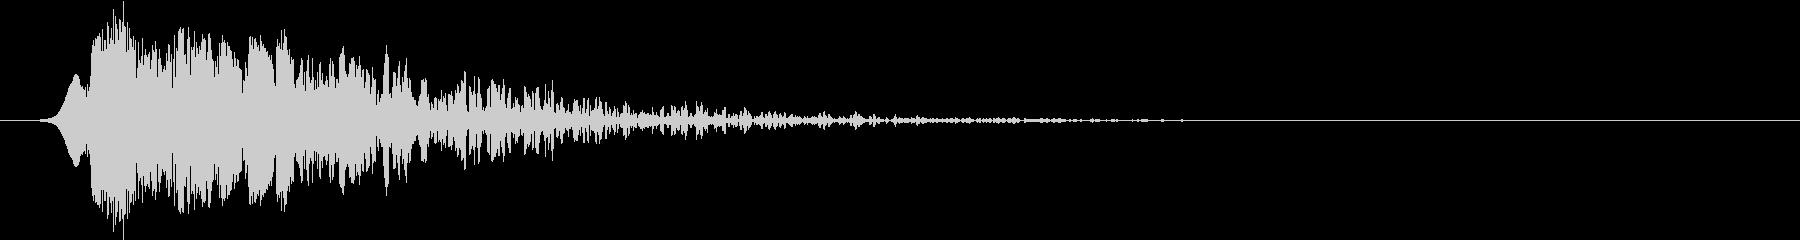 短いパンチインパクトヒット1の未再生の波形